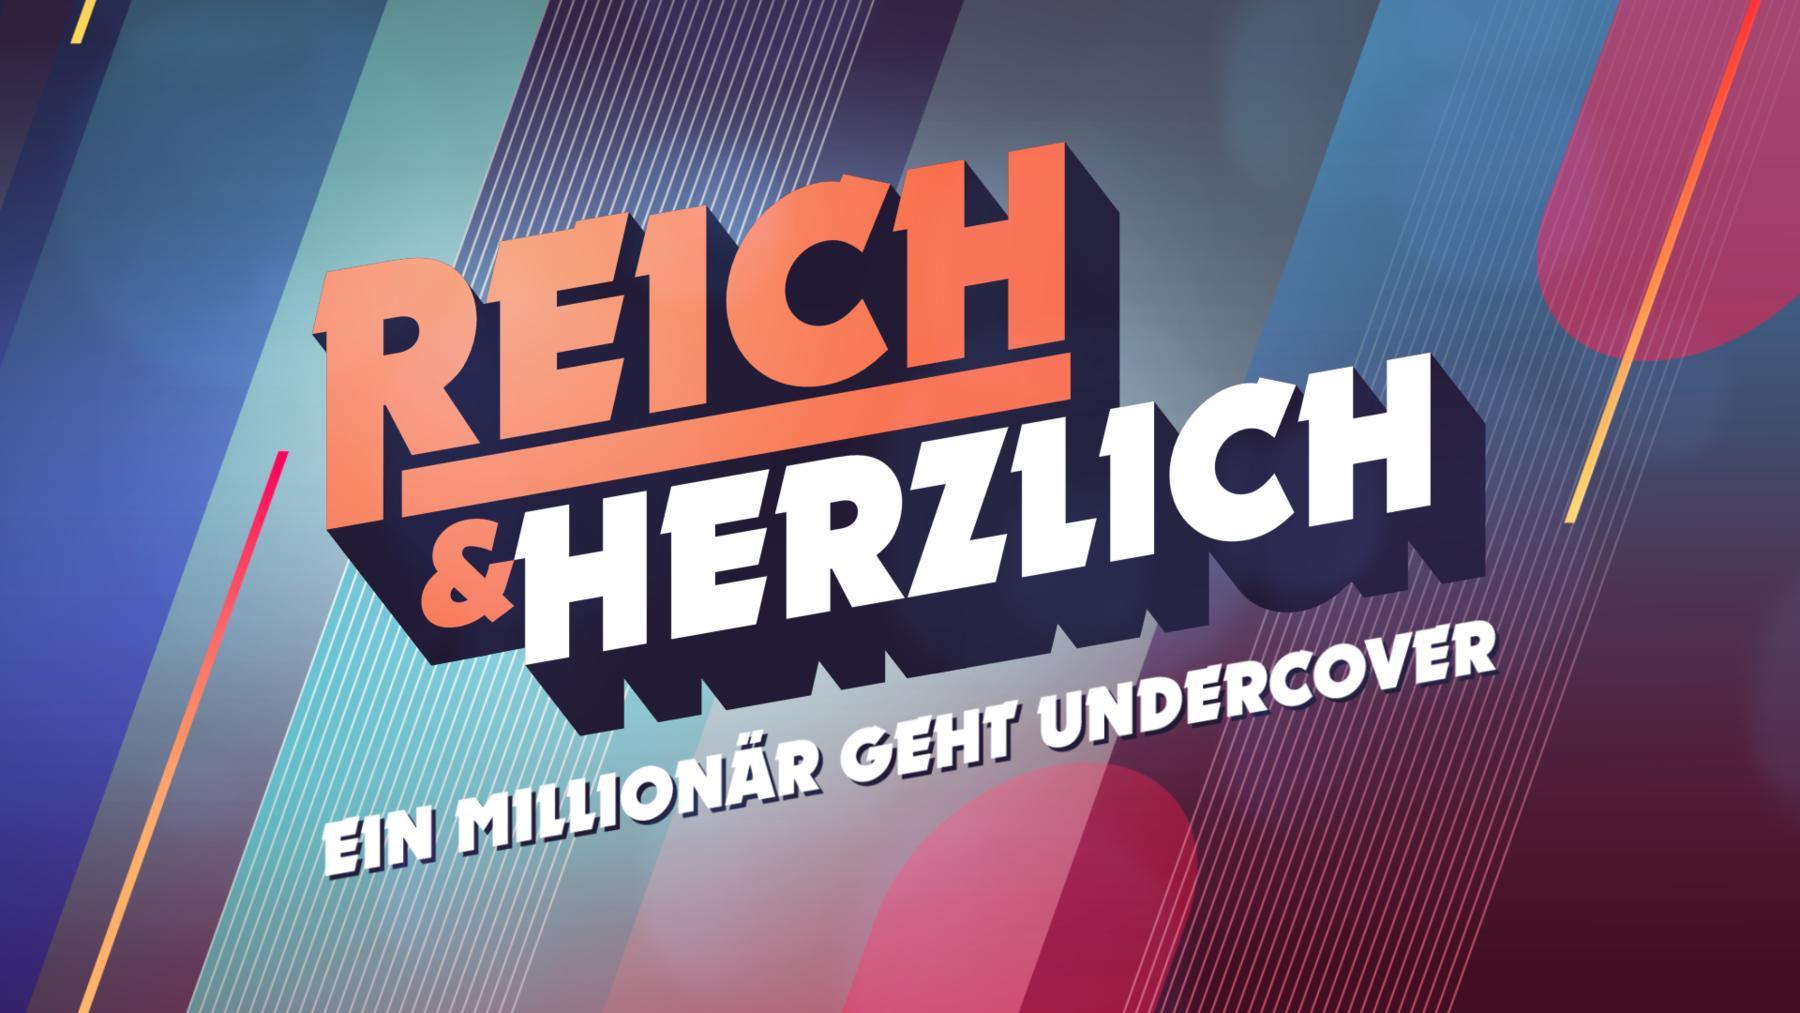 Reich und Herzlich - Ein Millionär geht undercover